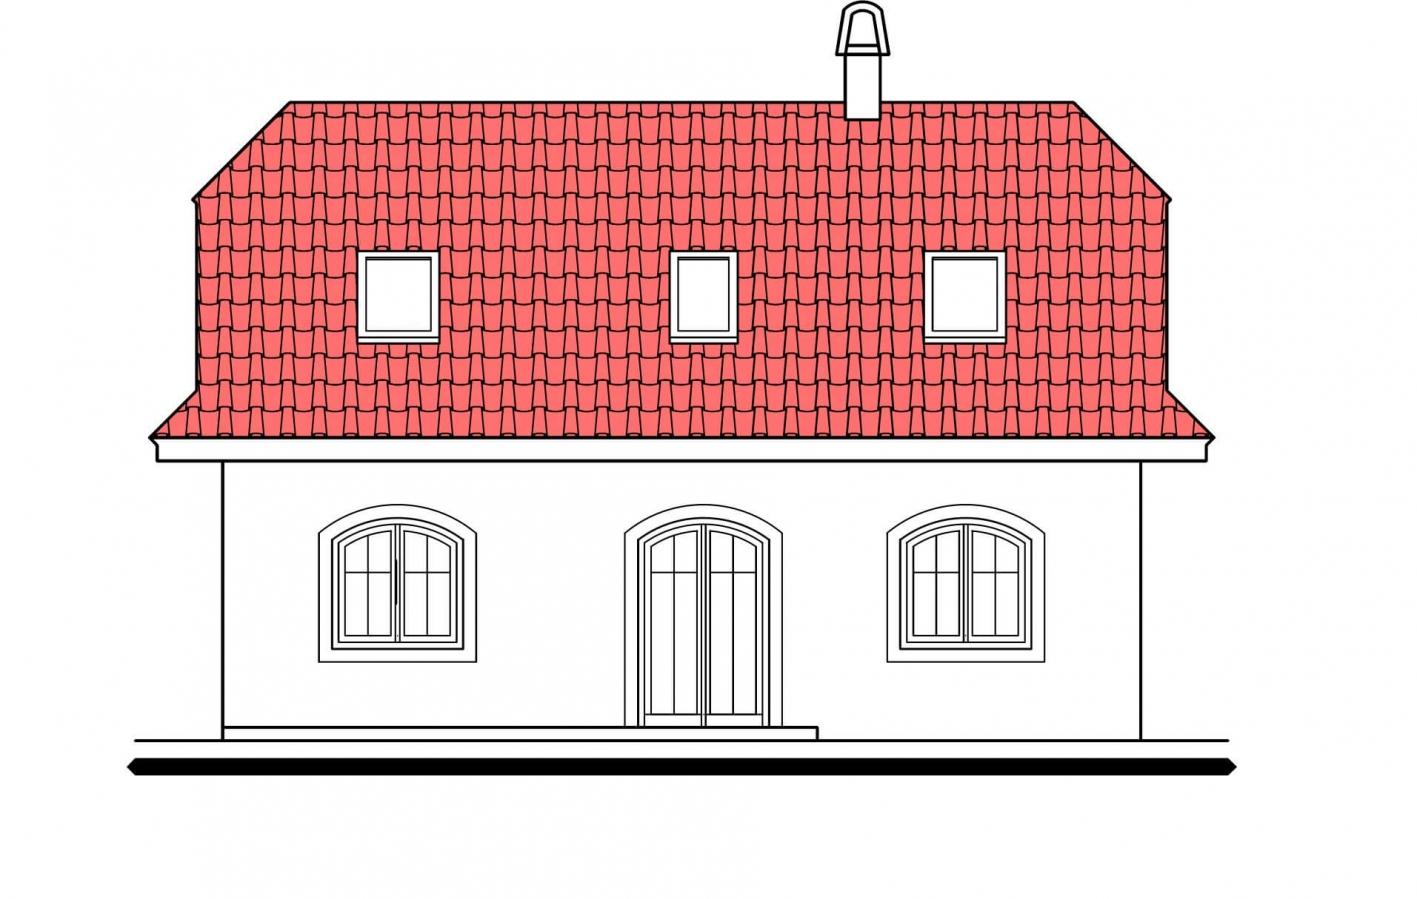 Pohľad 3. - Výškovo posunuté trakty rodinného domu s izbou na prízemí.